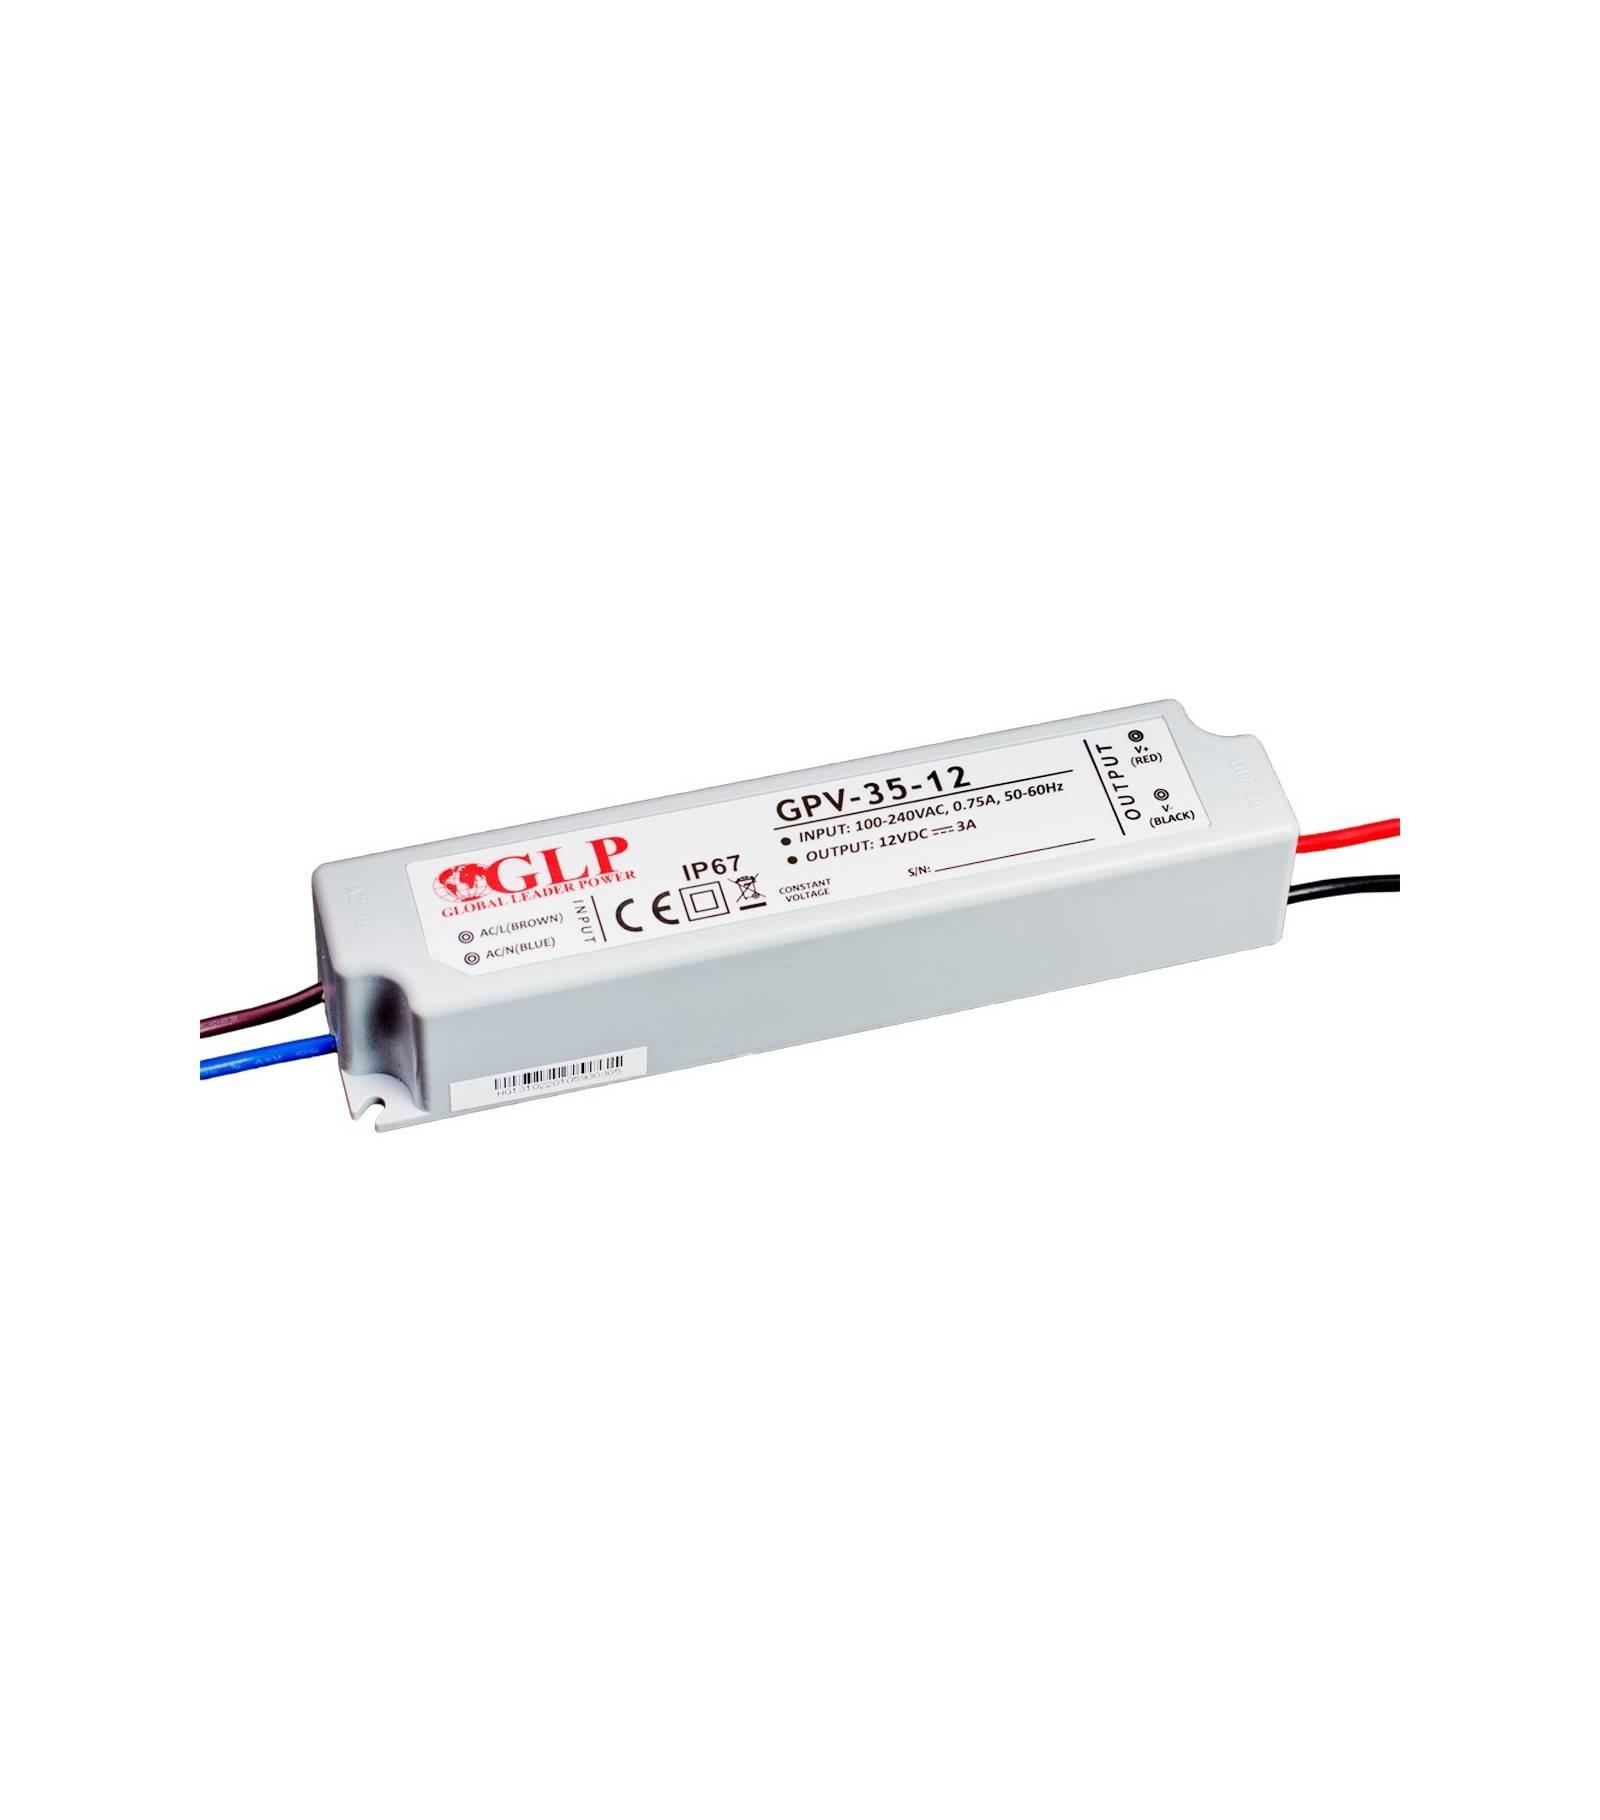 GLP Transformateur spécial Led 12V de 35W GPV-35-12 GLP - GLP-GPV-35-12